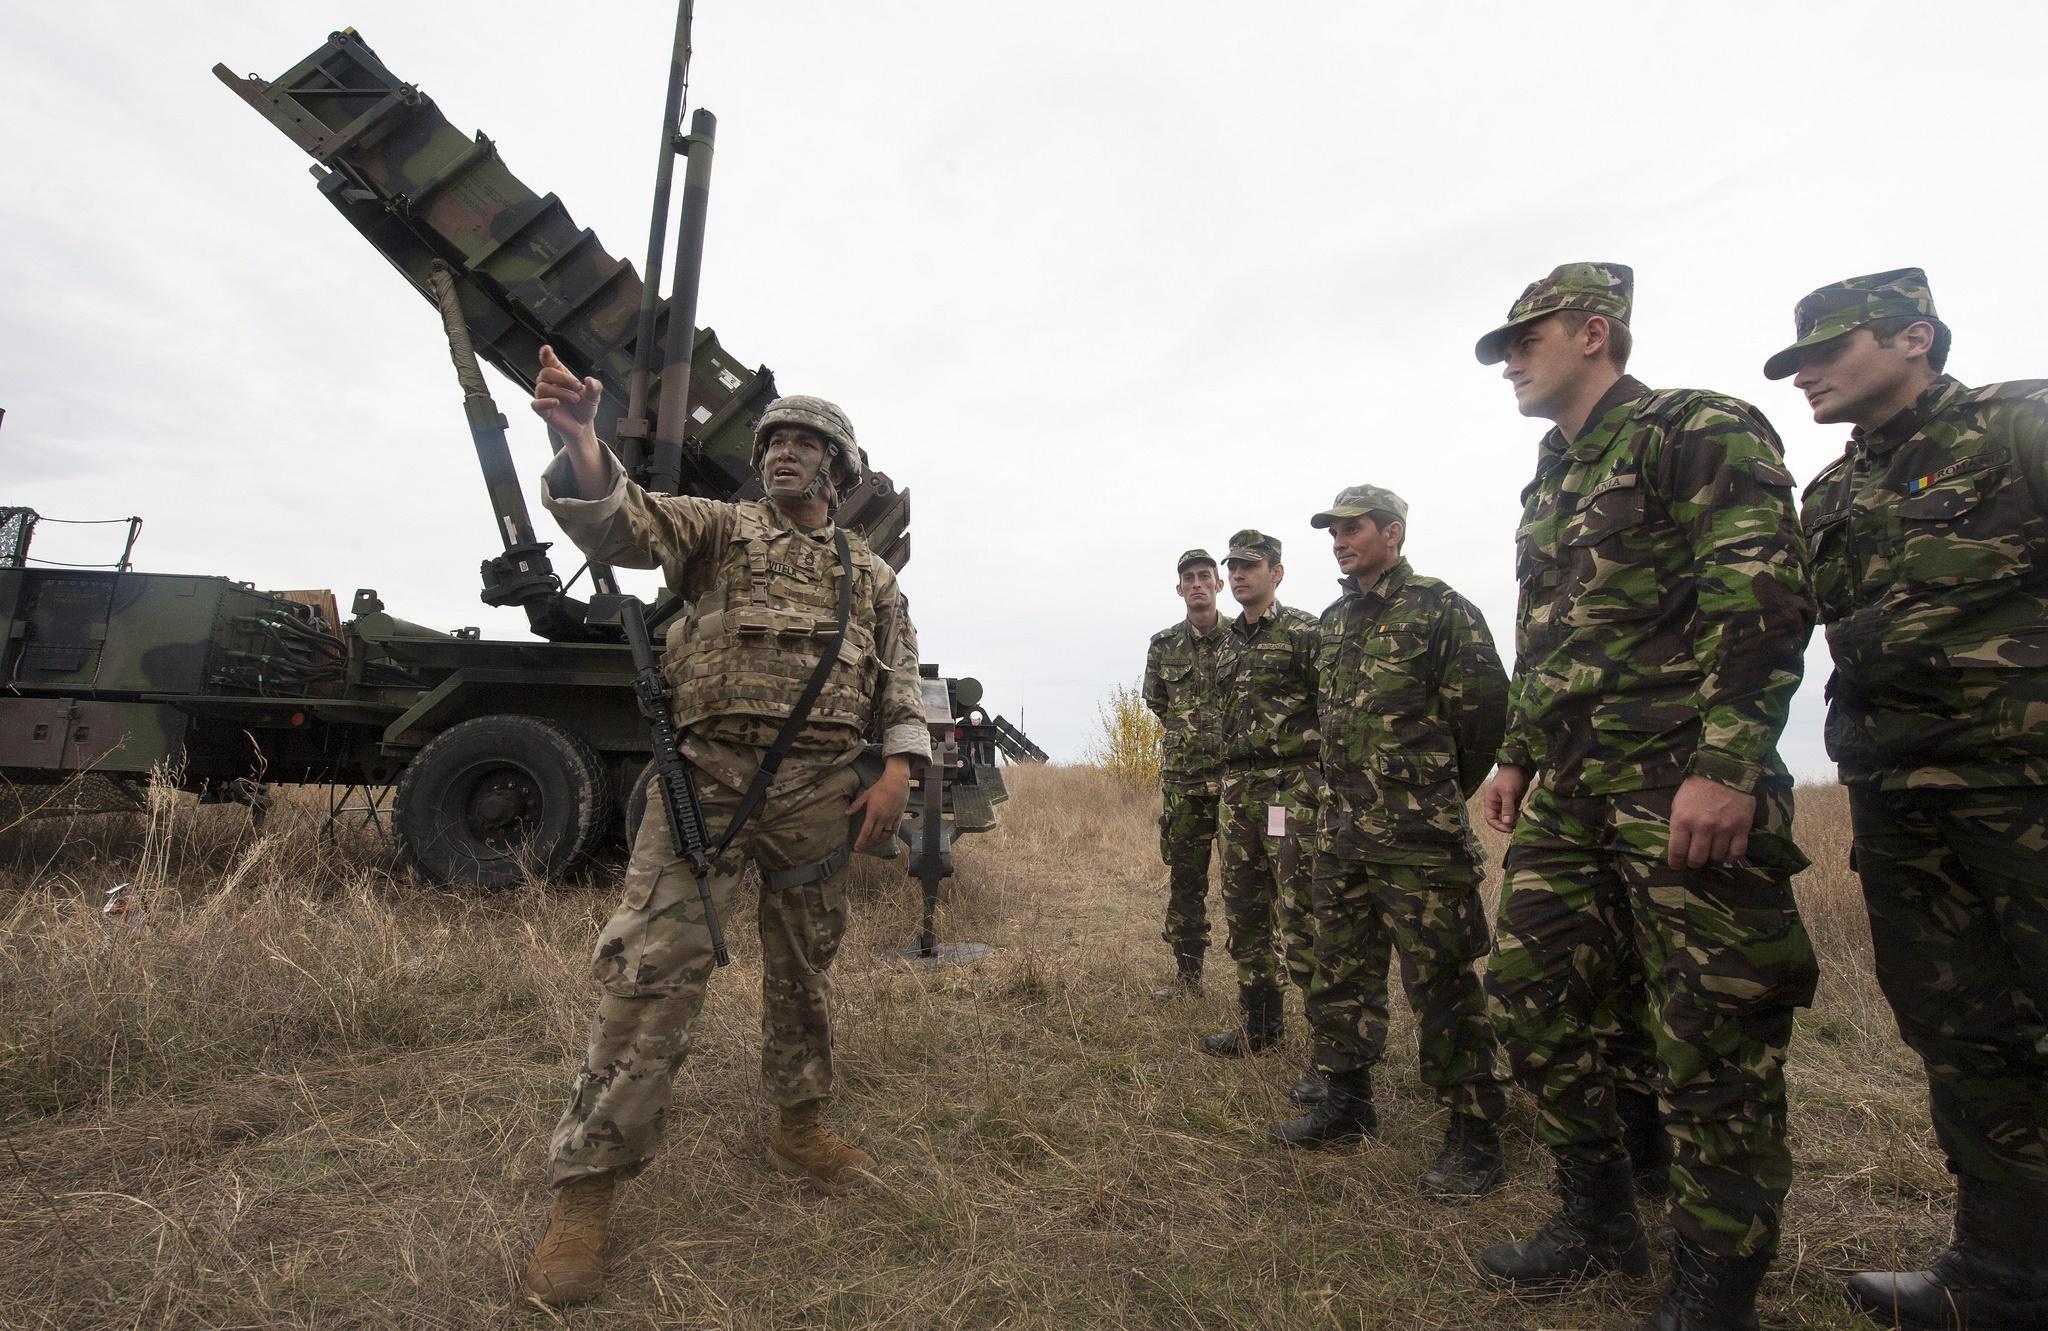 Румыния хочет приобрести зенитную ракетную систему Patriot